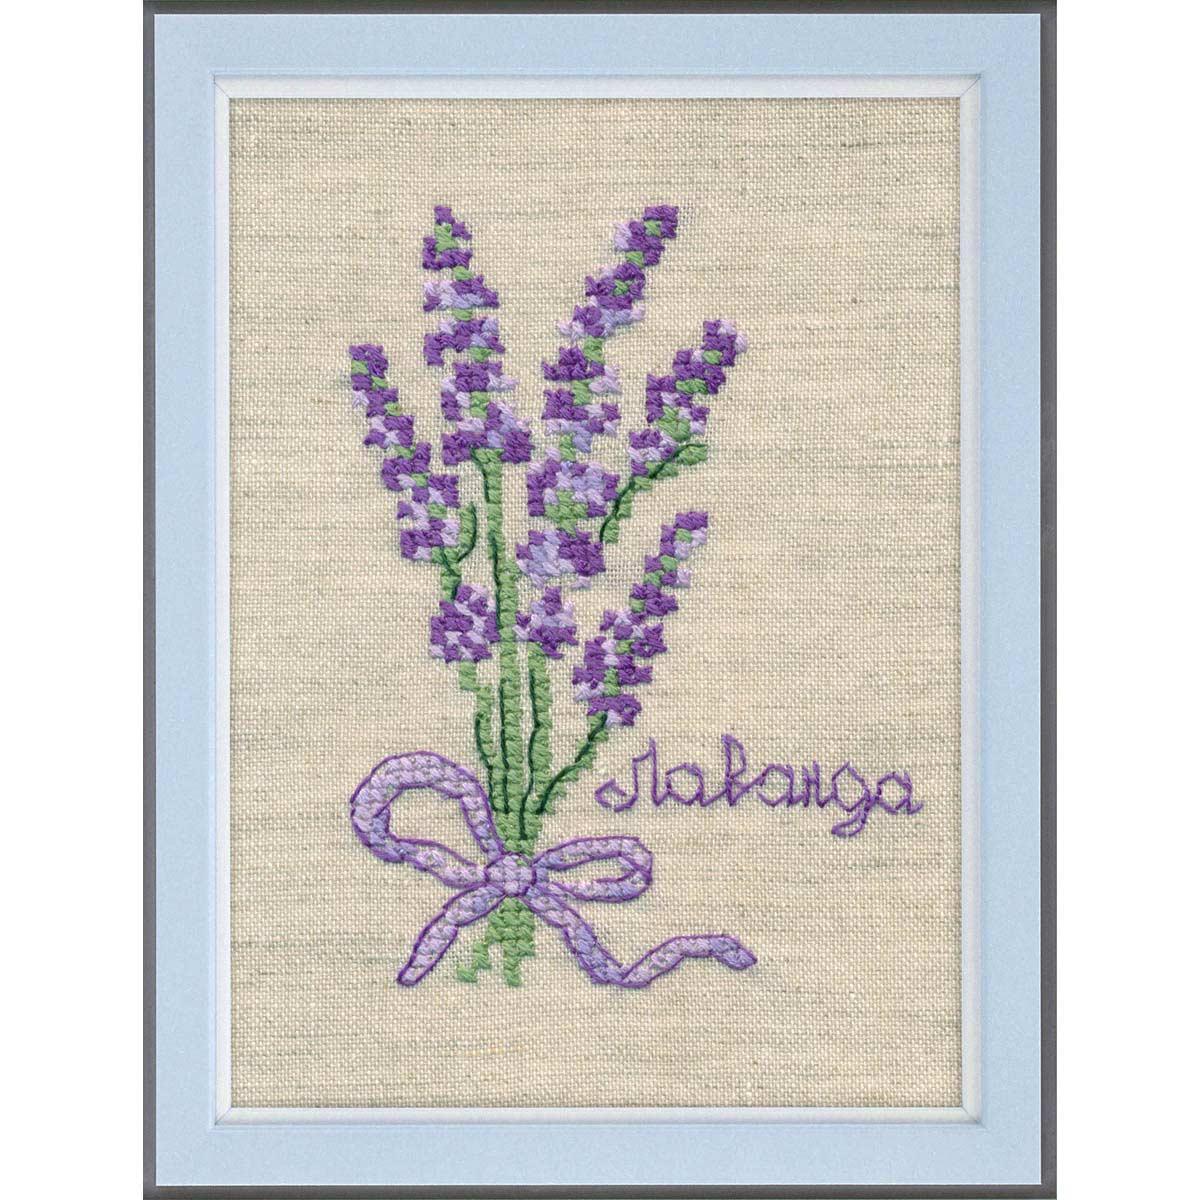 1185 Набор для вышивания(водорастворимая канва вышивается на ткани) ОВЕН ' Лаванда '9.4*7см